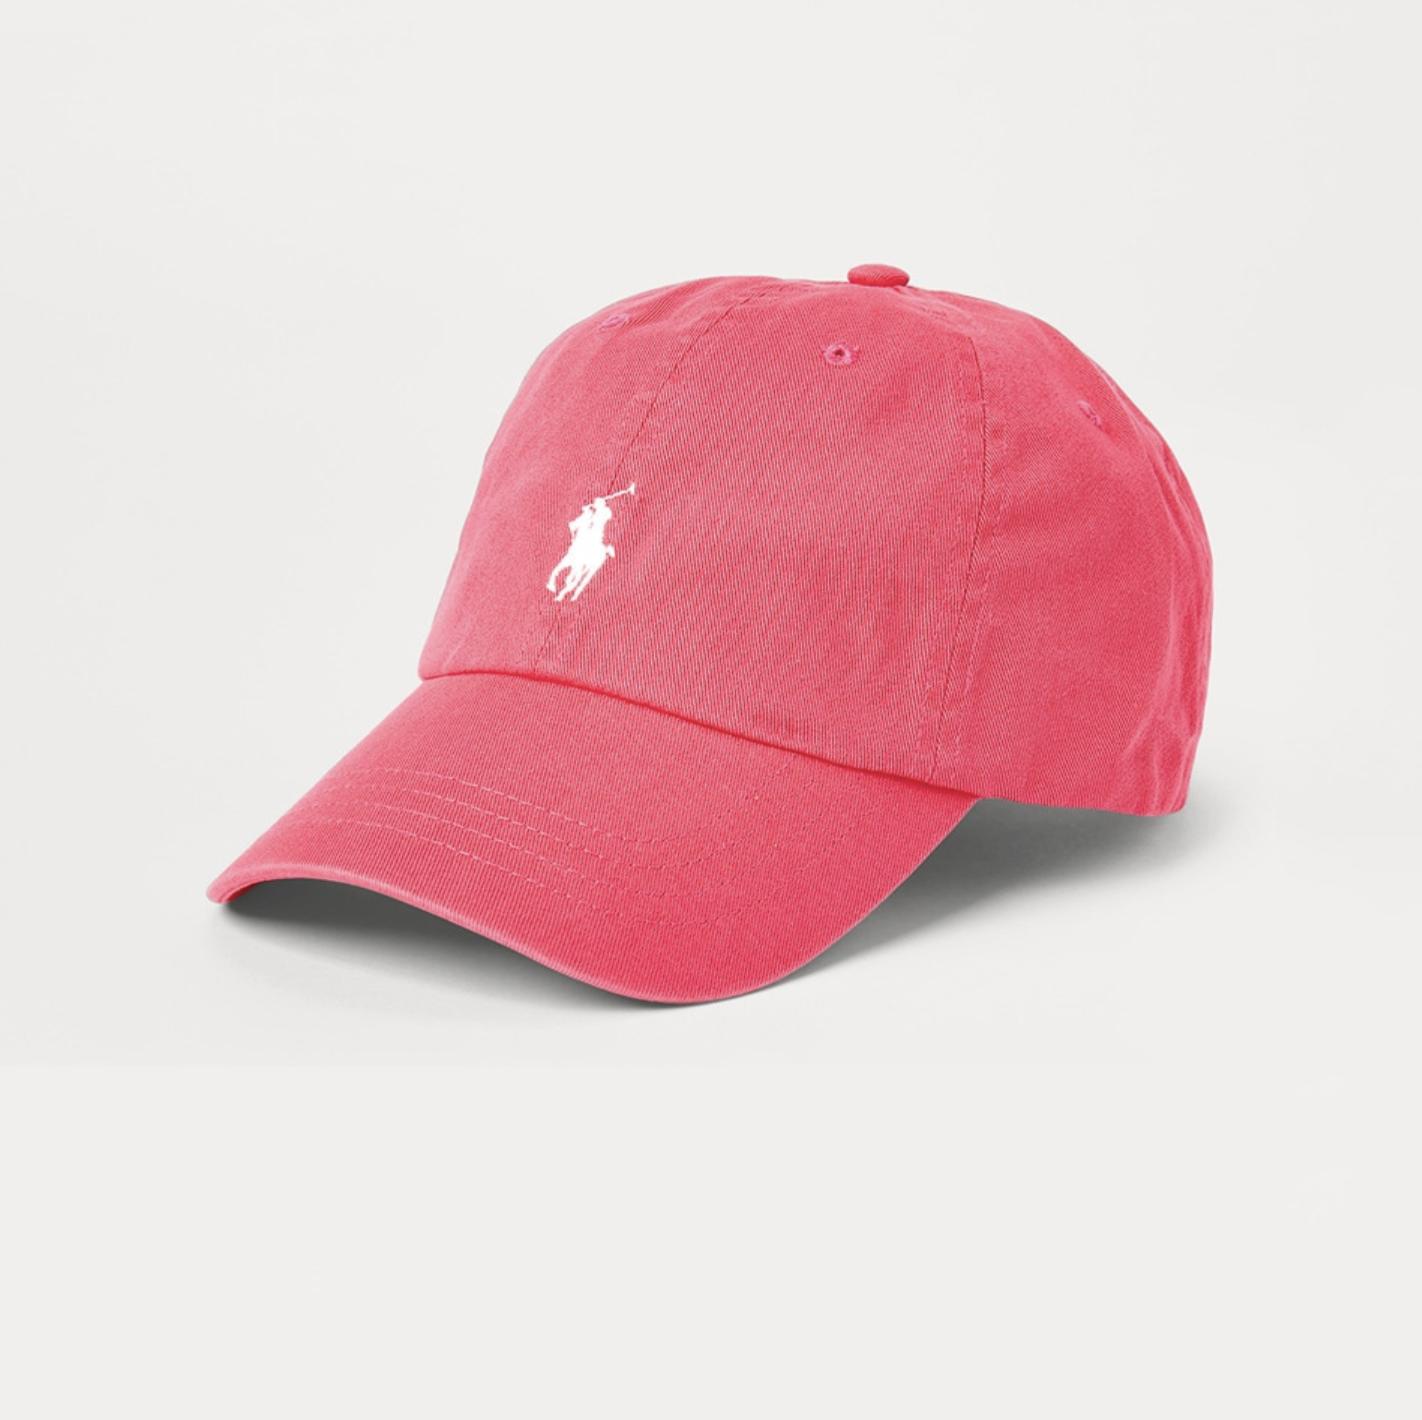 Gorra de Polo Ralph Lauren en color frambuesa